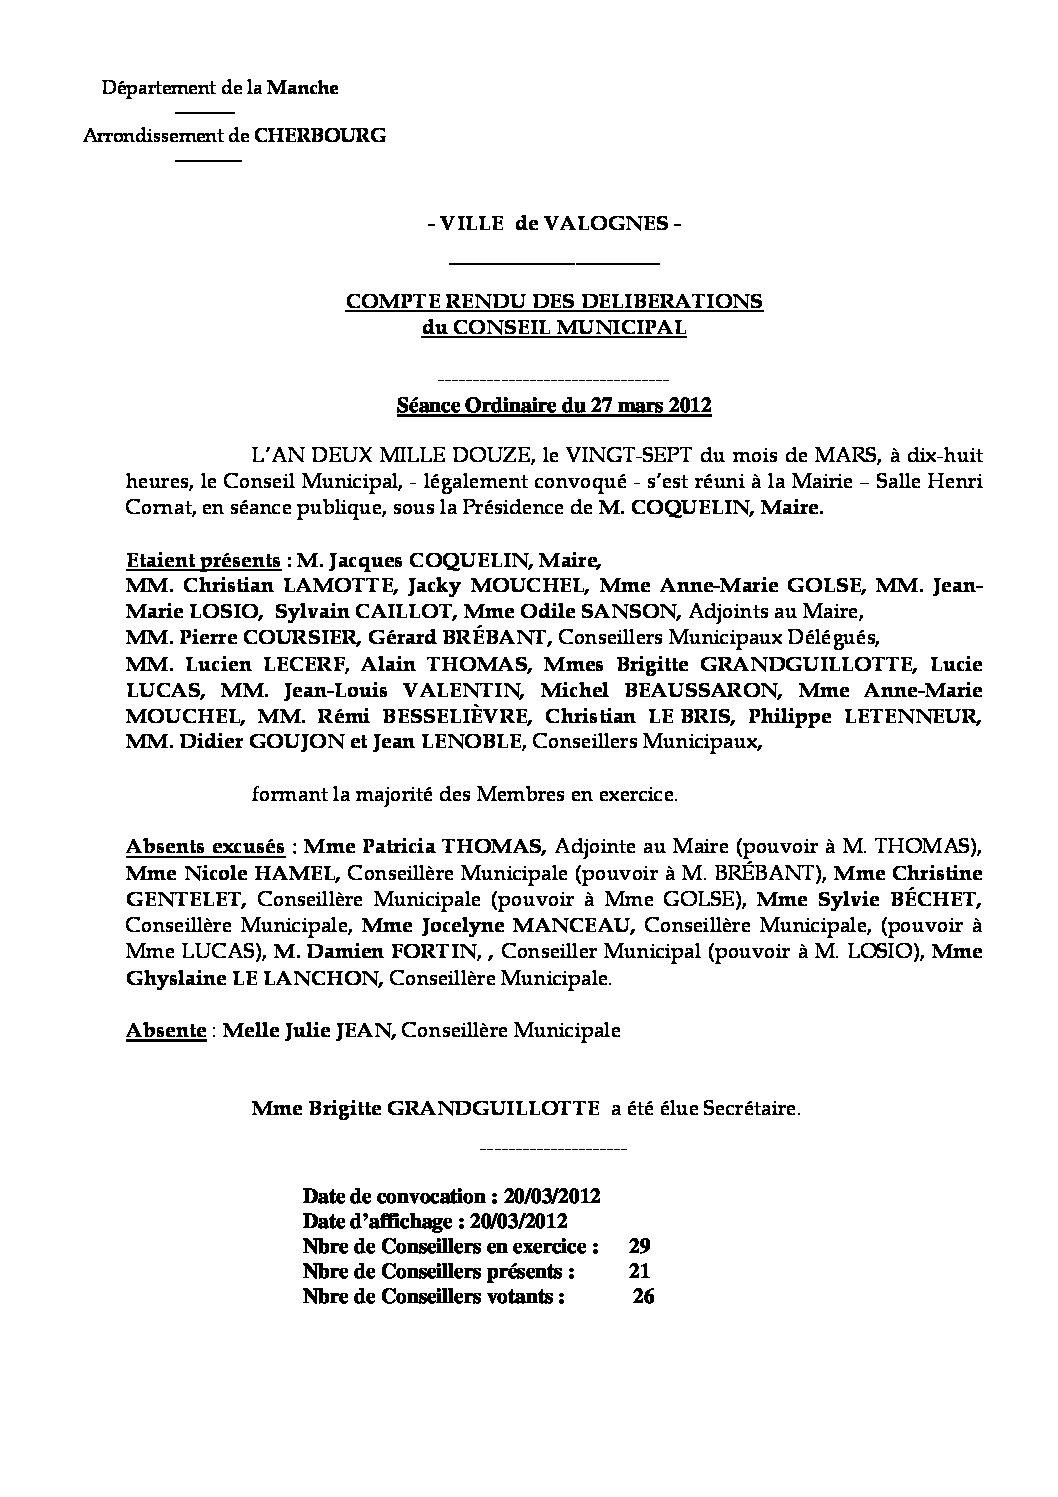 Extrait du registre des délibérations du 27-03-2012 - Compte rendu des questions soumises à délibérations lors de la séance du Conseil Municipal du 27 mars 2012.